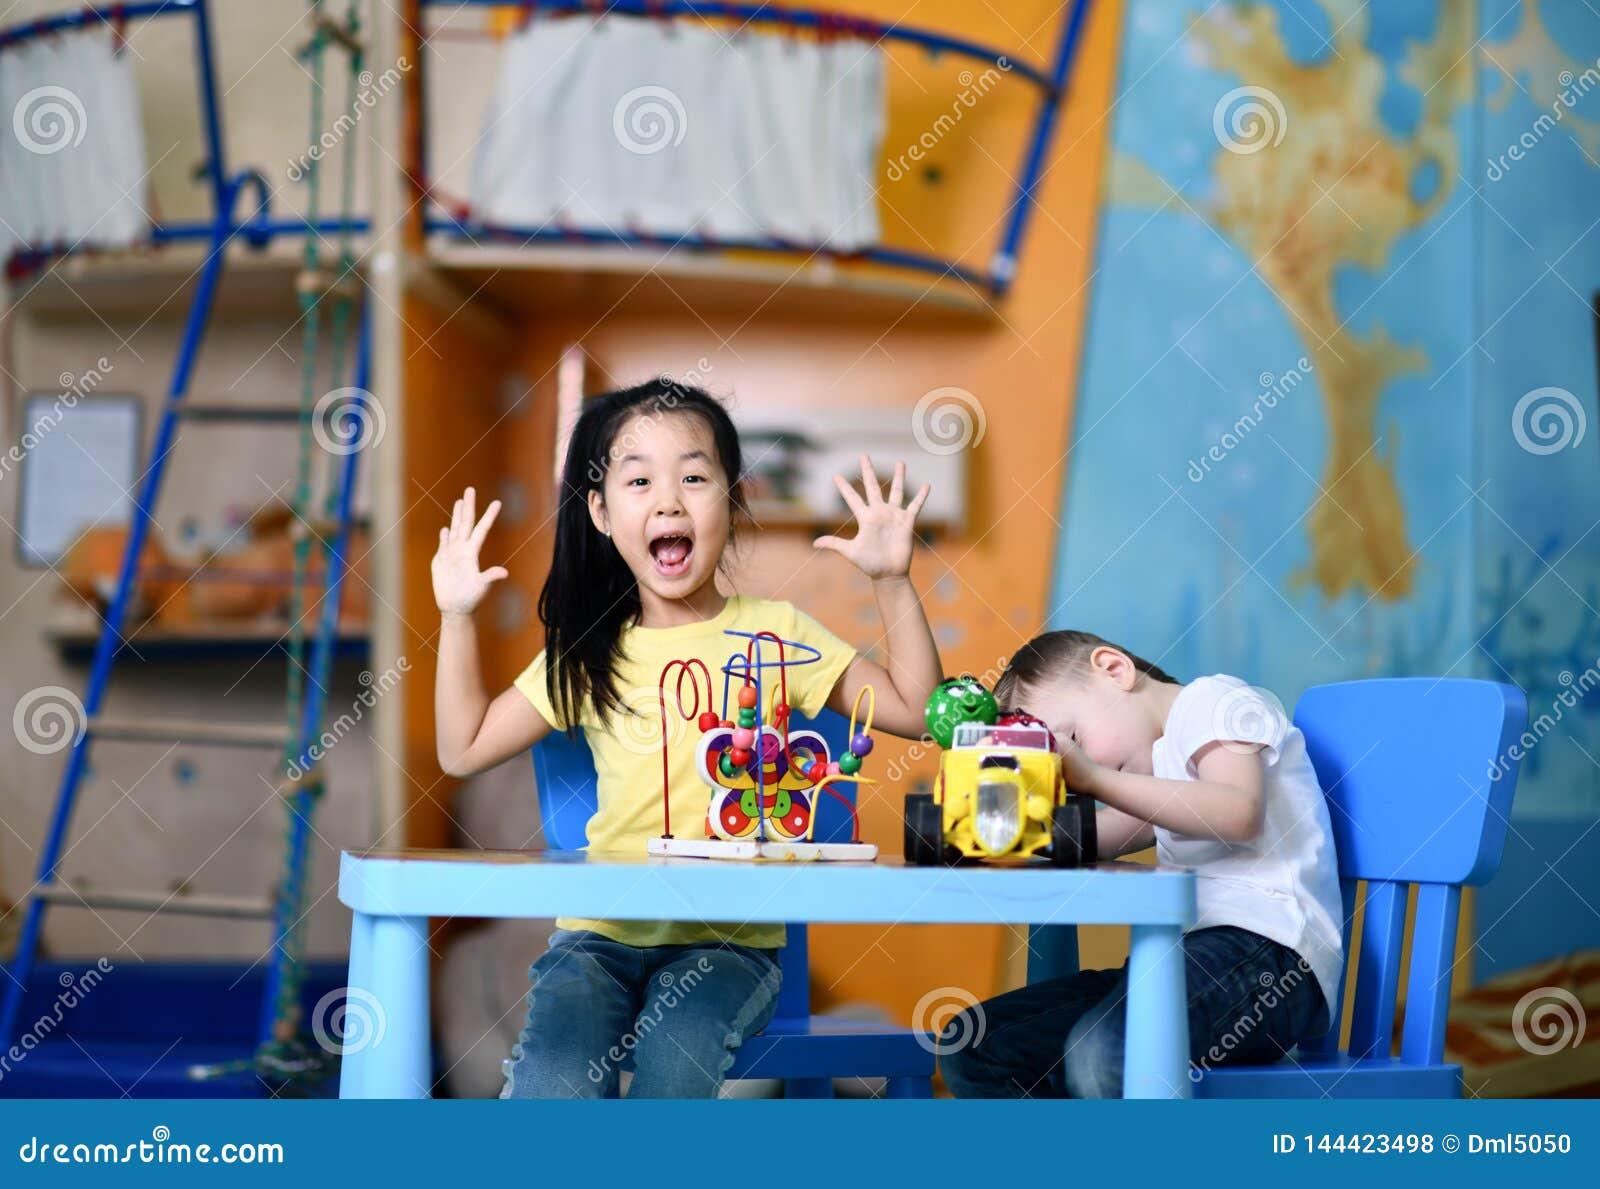 Παιχνίδι αγοριών και κοριτσιών δύο χαρούμενο παιδιών ενθουσιωδώς στον πίνακα με τα παιχνίδια